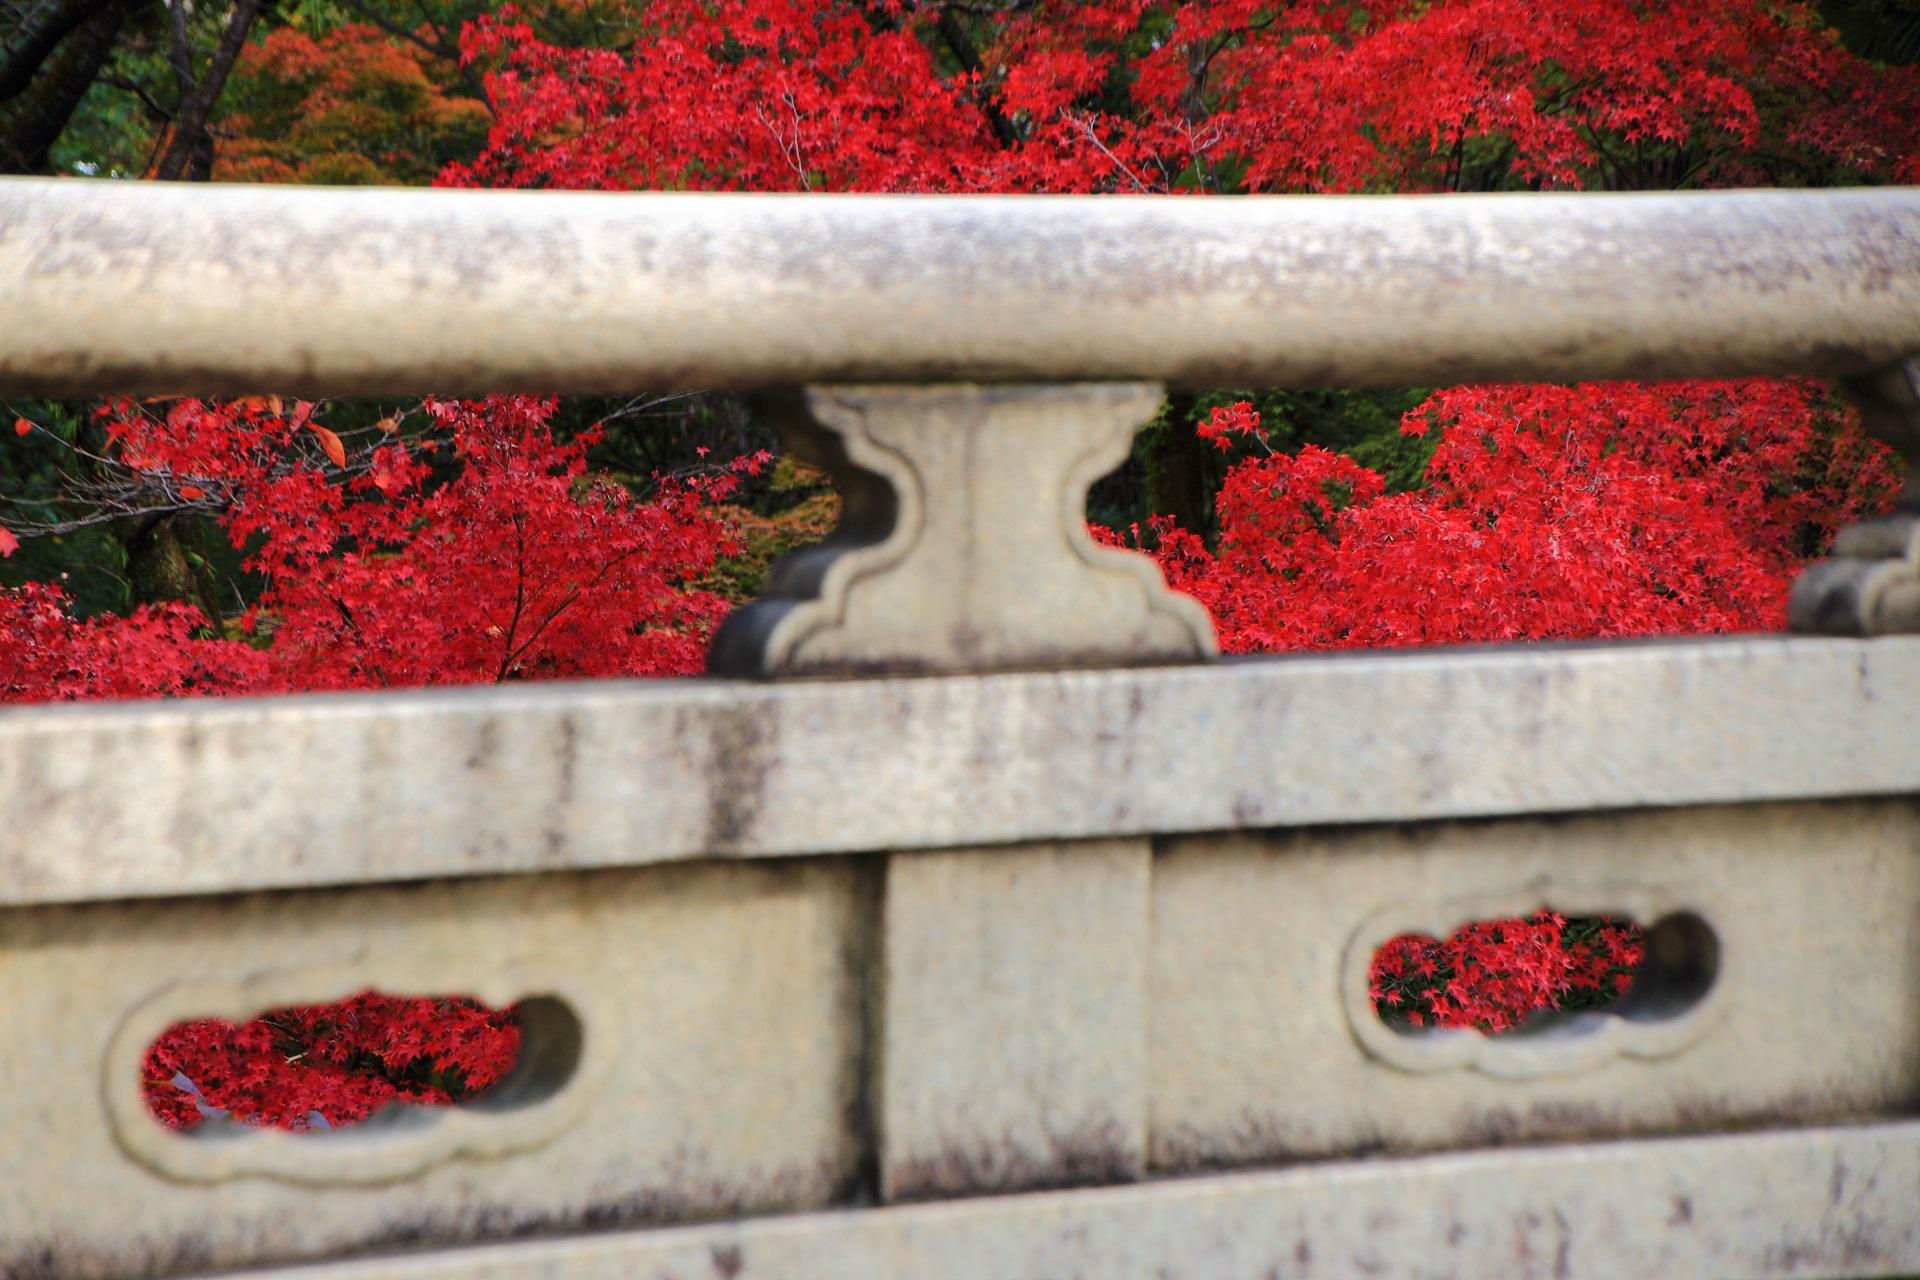 大谷本廟の円通橋の欄干から見える華やかな紅葉